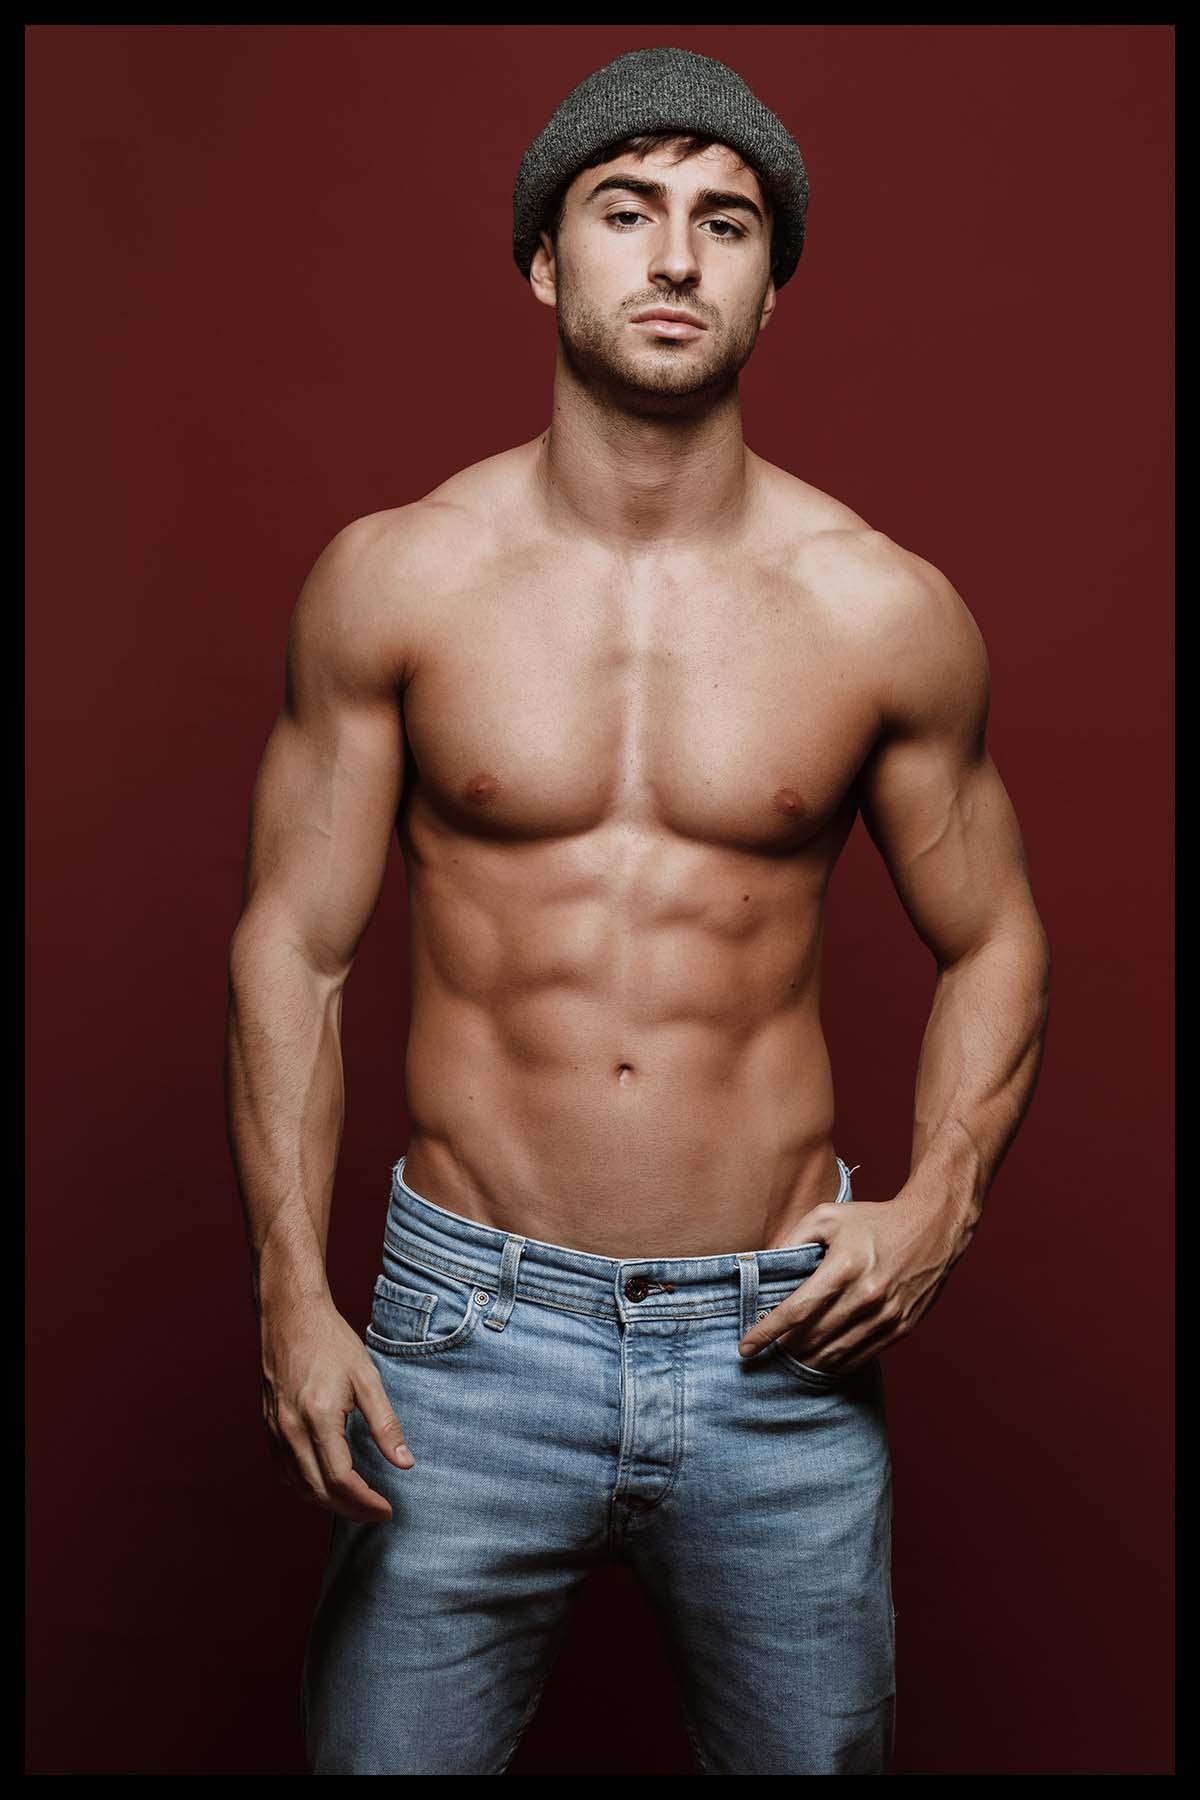 Valter Silva by David Velez for Brazilian Male Model